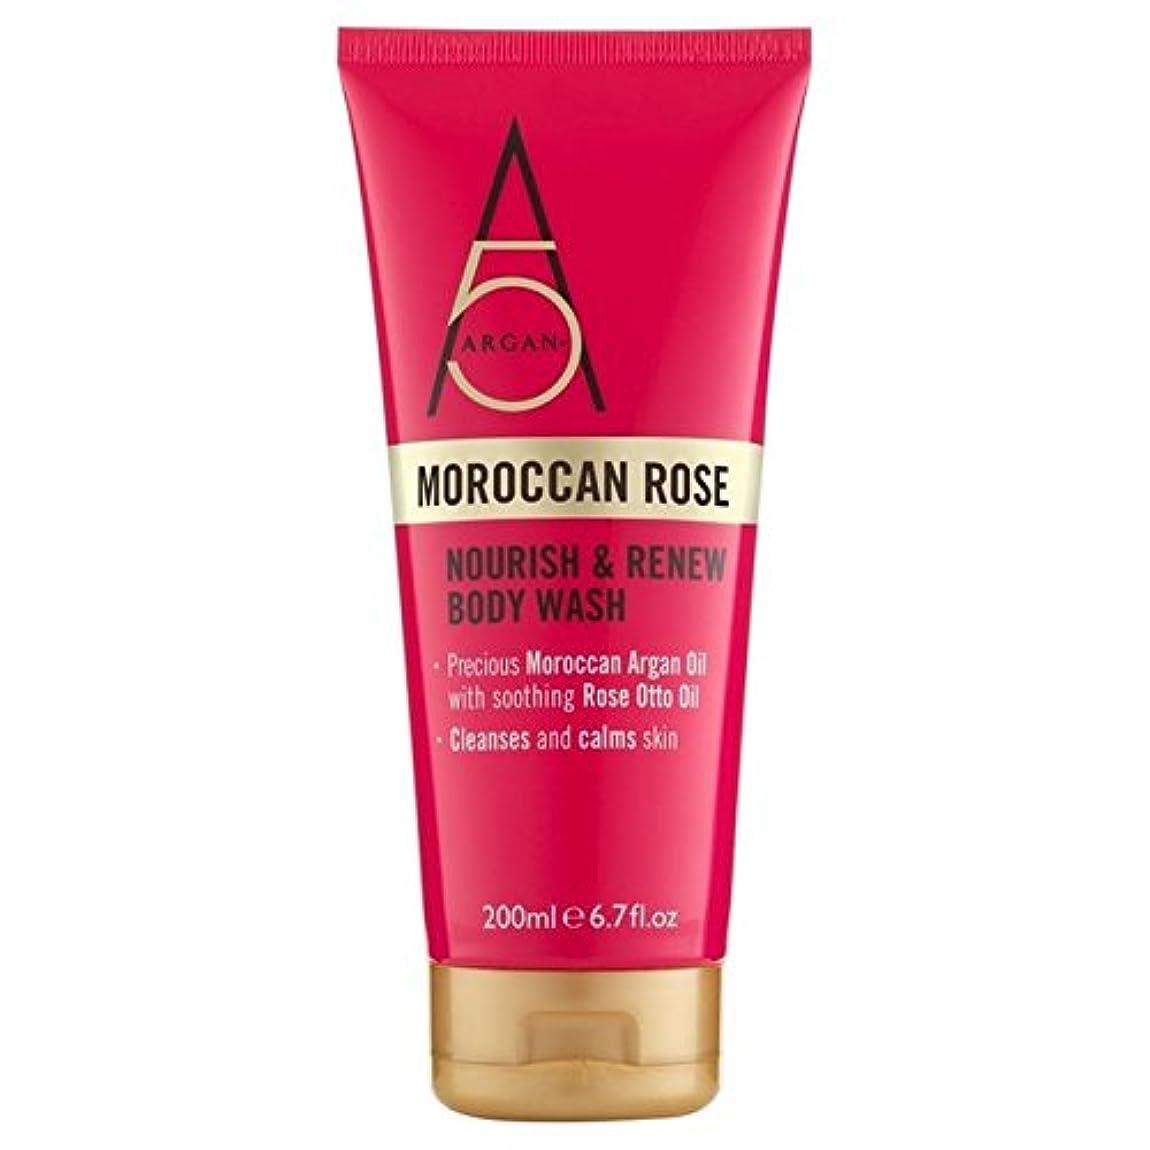 法律マークダウンロック解除アルガン+モロッコは、ボディウォッシュ300ミリリットルをバラ x4 - Argan+ Moroccan Rose Body Wash 300ml (Pack of 4) [並行輸入品]